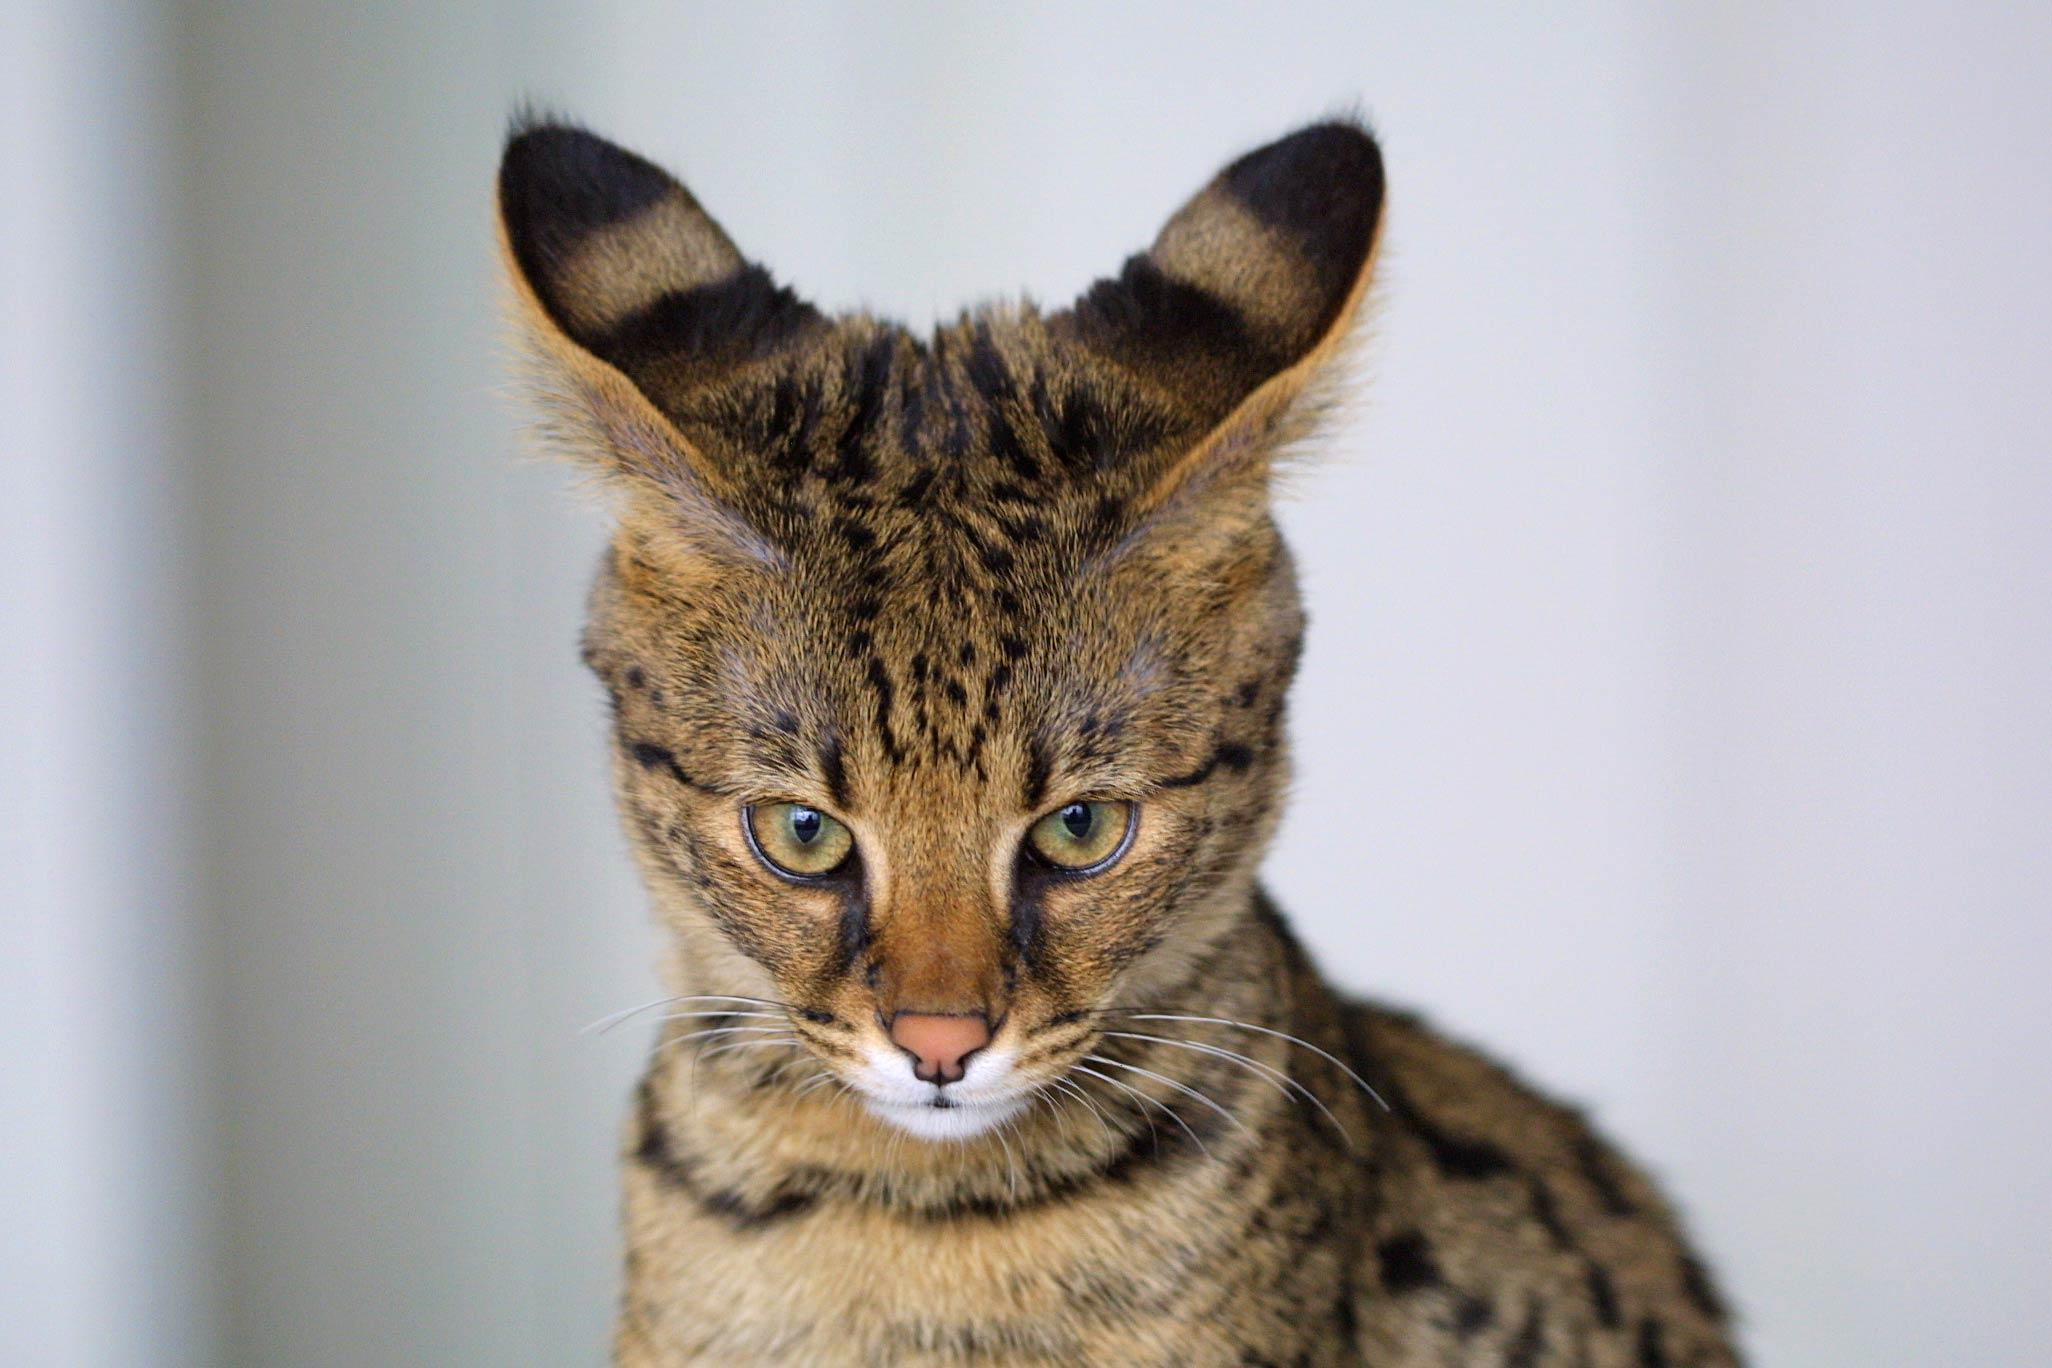 Кошка с длинными ушами, породистая, полосатый кот, обои, фото